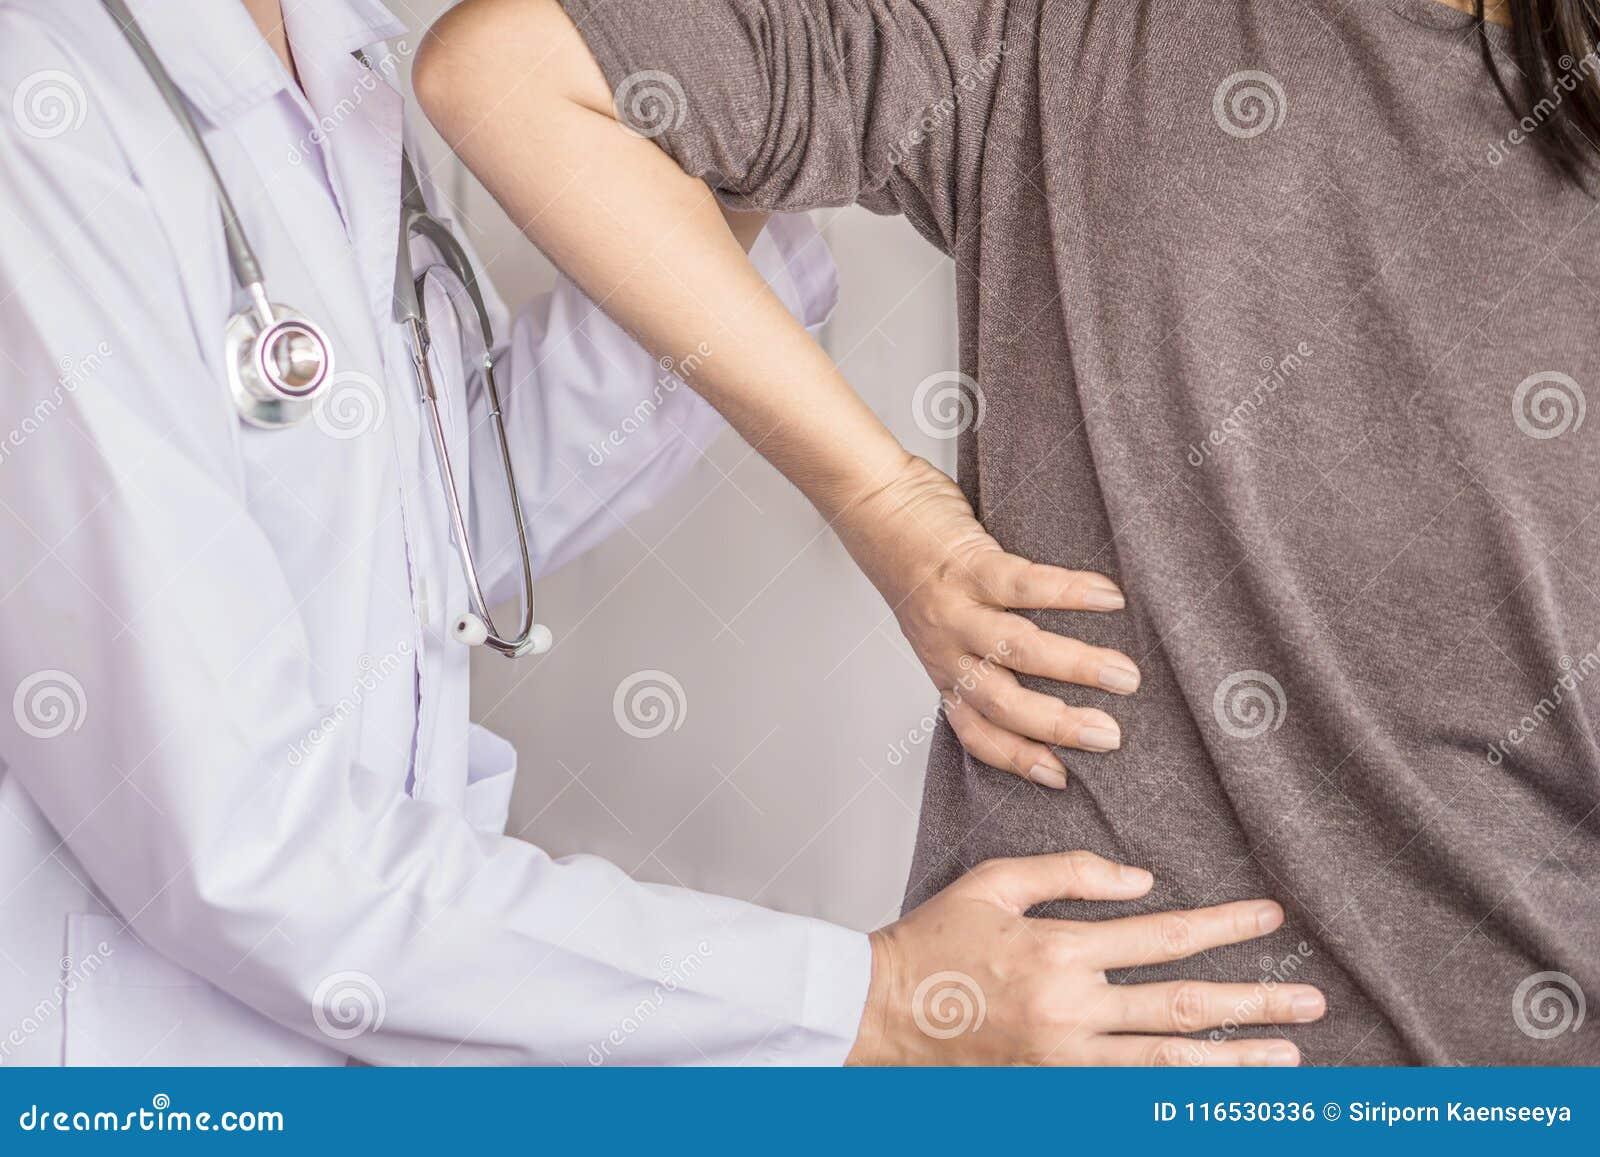 审查从背部疼痛的女性医生耐心痛苦